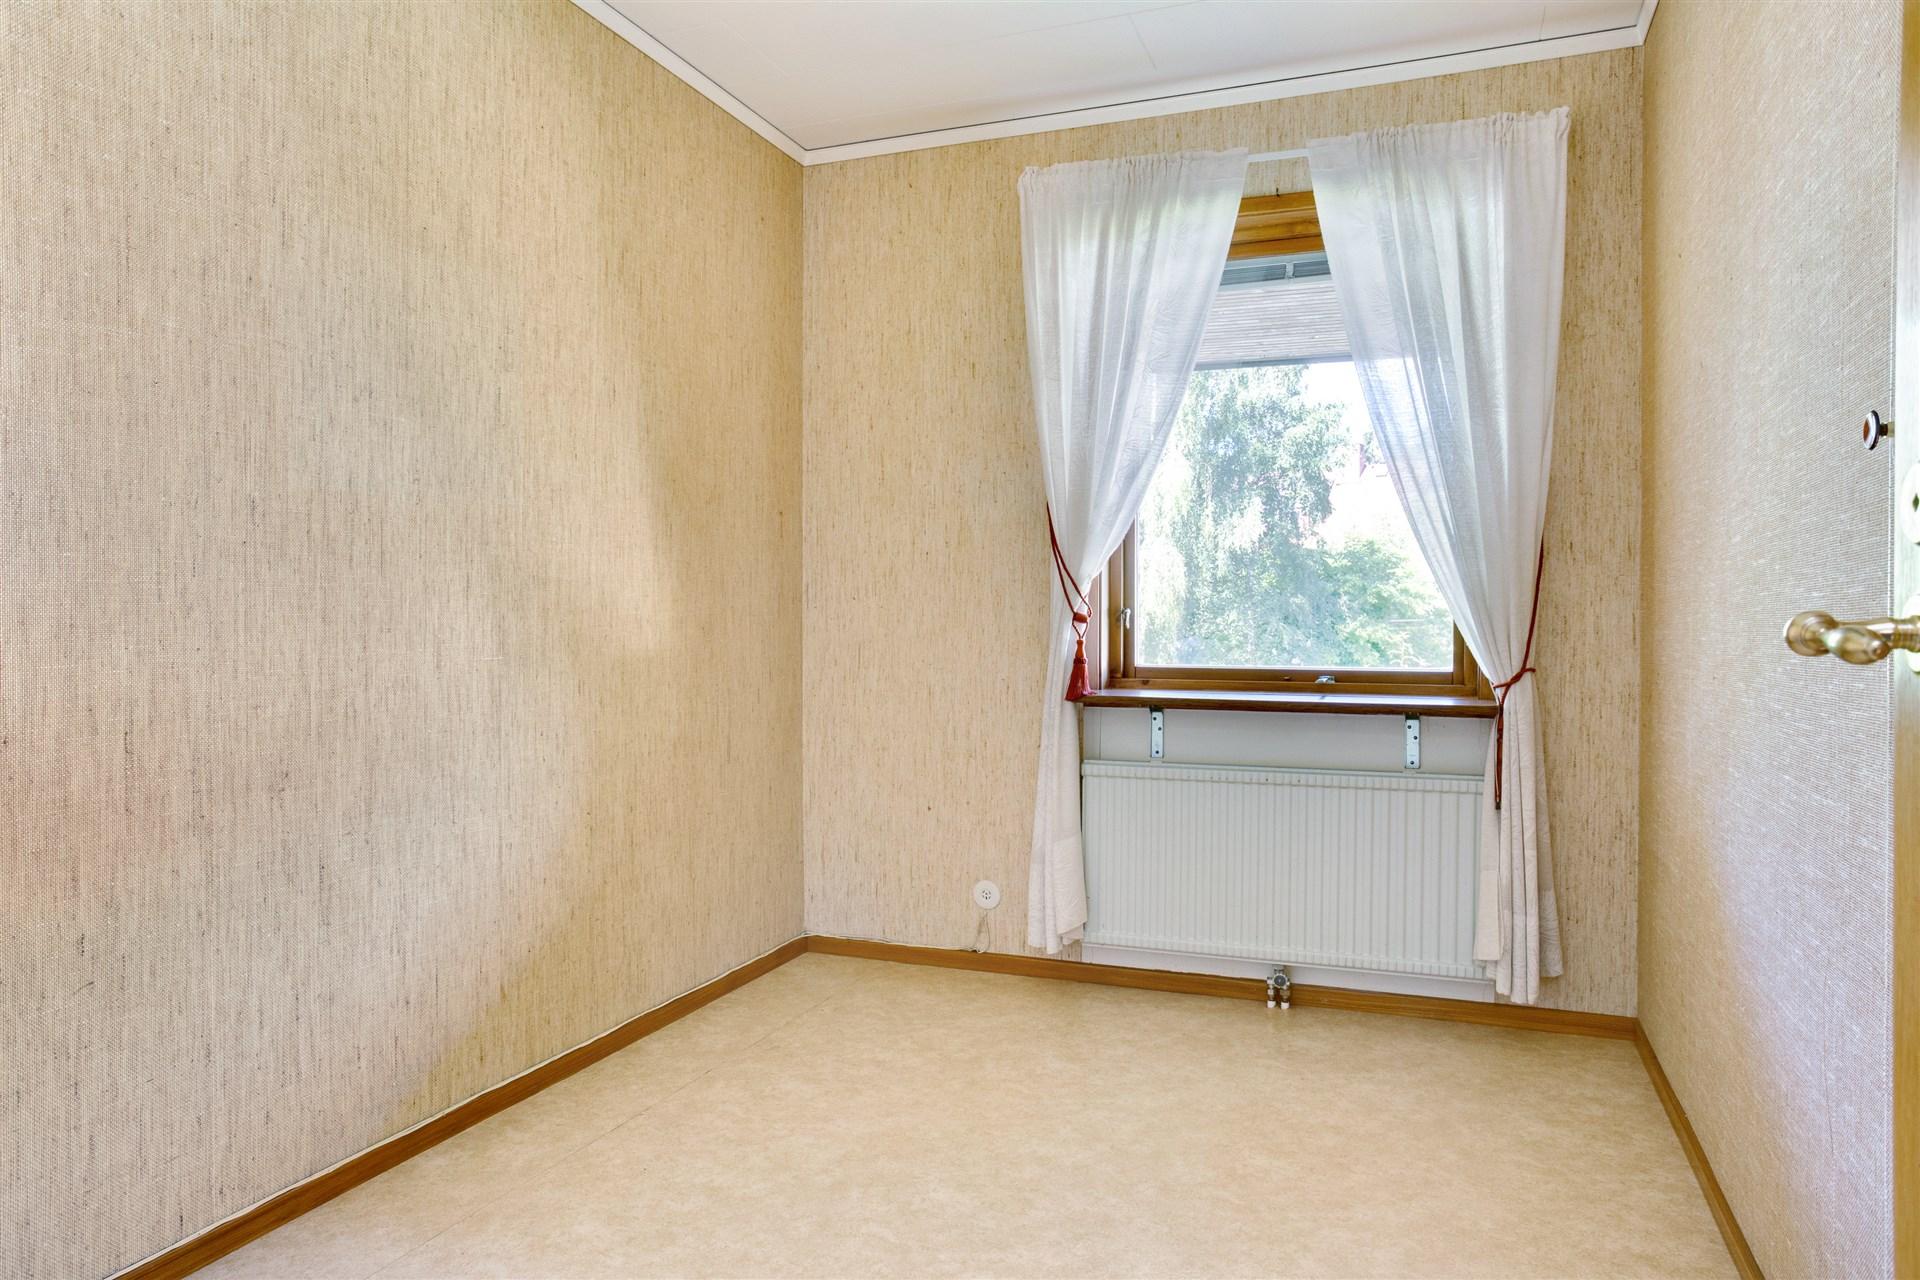 Sovrum 1 med 1 garderob.